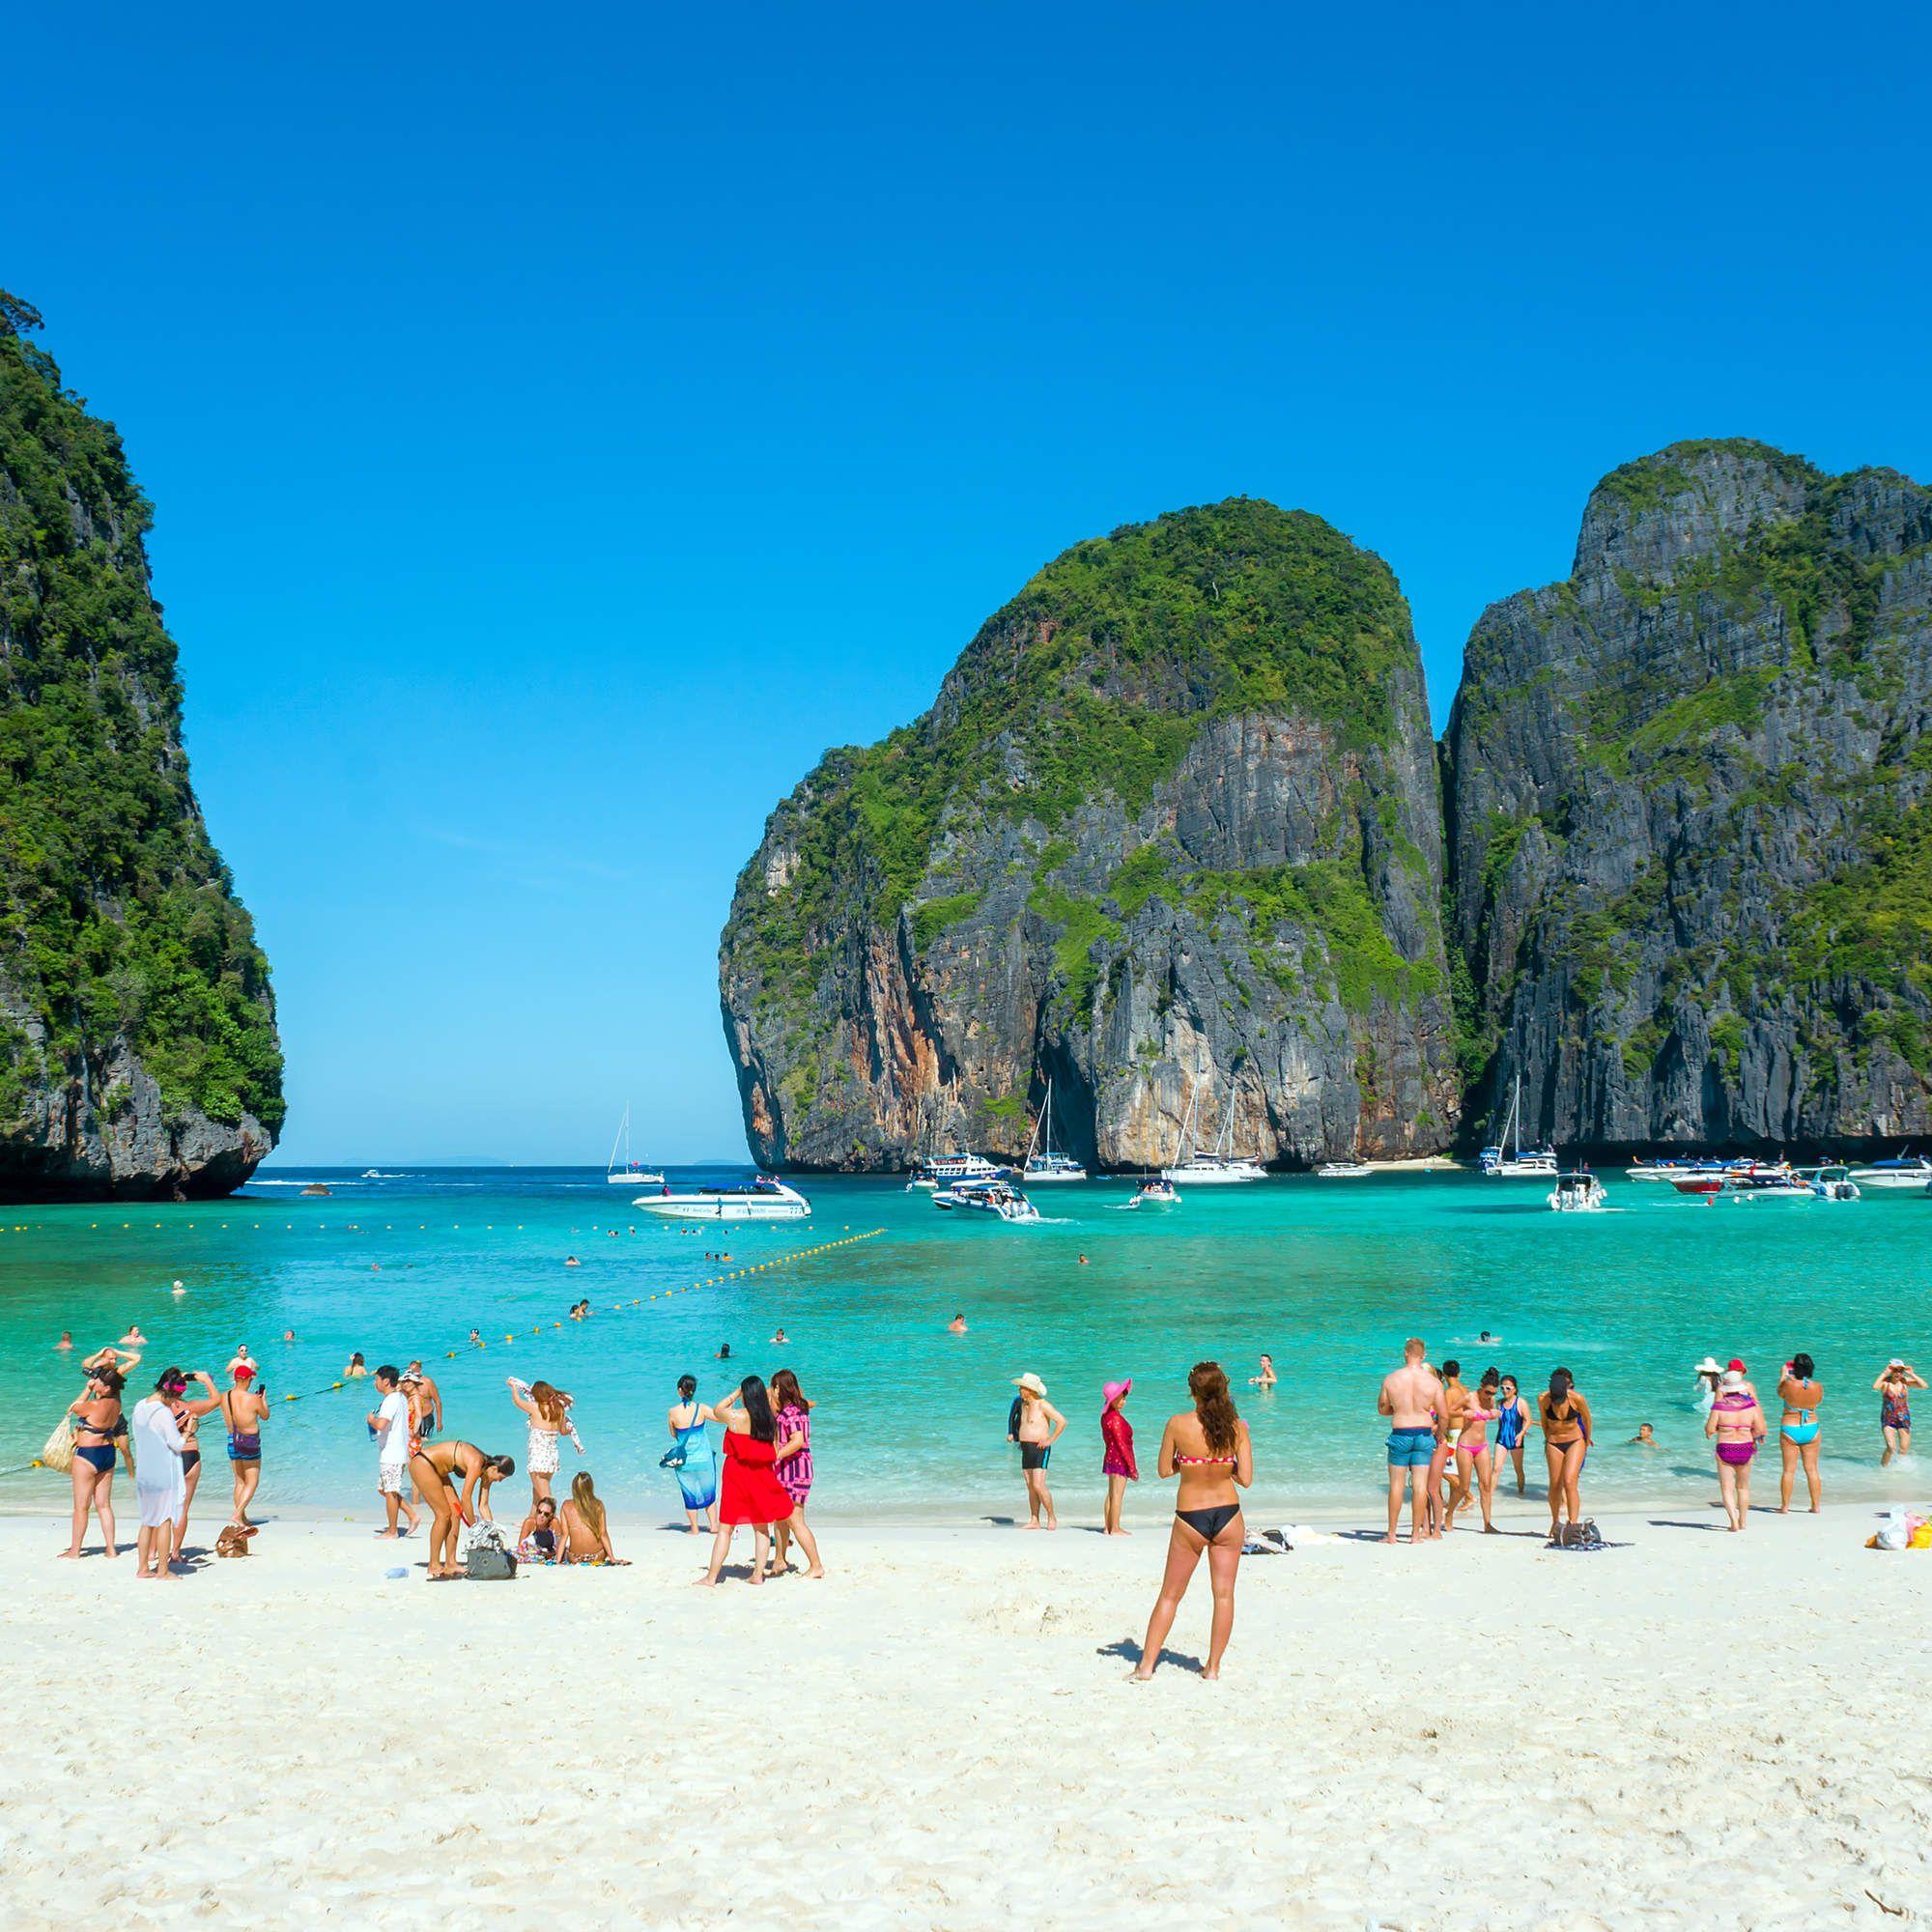 The 20 Best Beaches In Malaysia Jones Around The World Beachvacation Travel Bestislandvacat Best Island Vacation Travel Destinations Asia Asia Travel